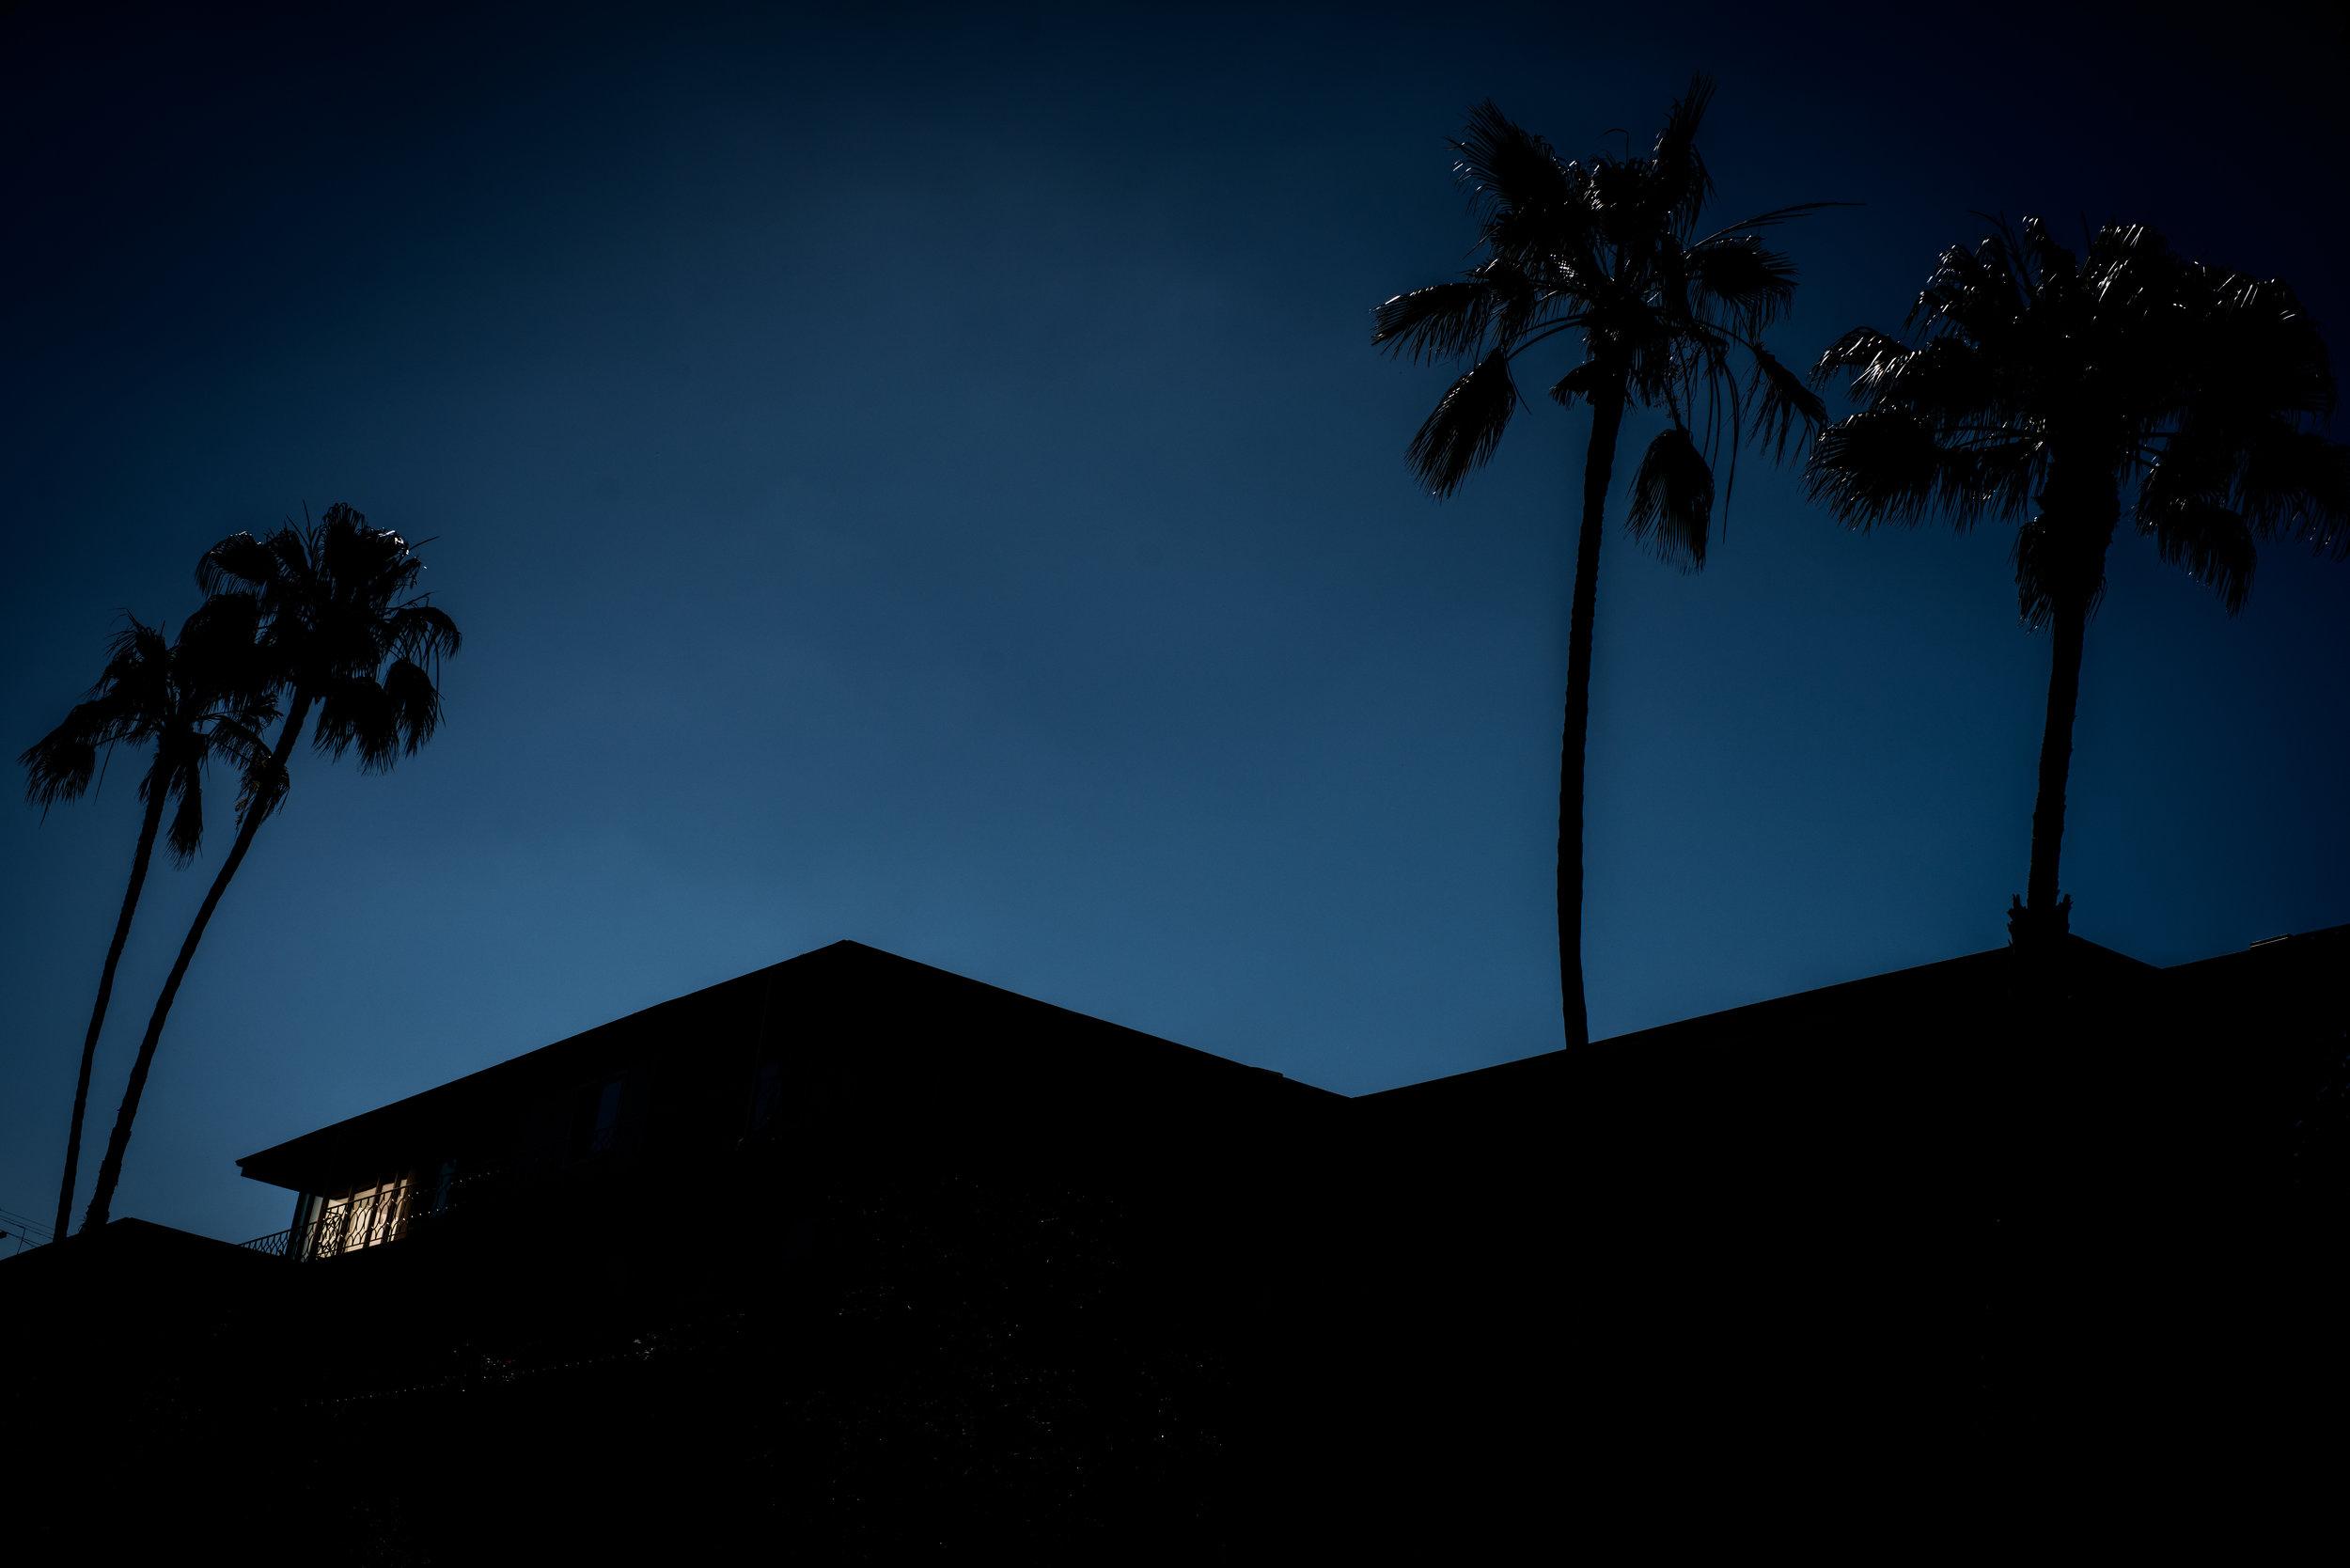 Chromasynthesis 011: Beaming (Pasadena, CA)